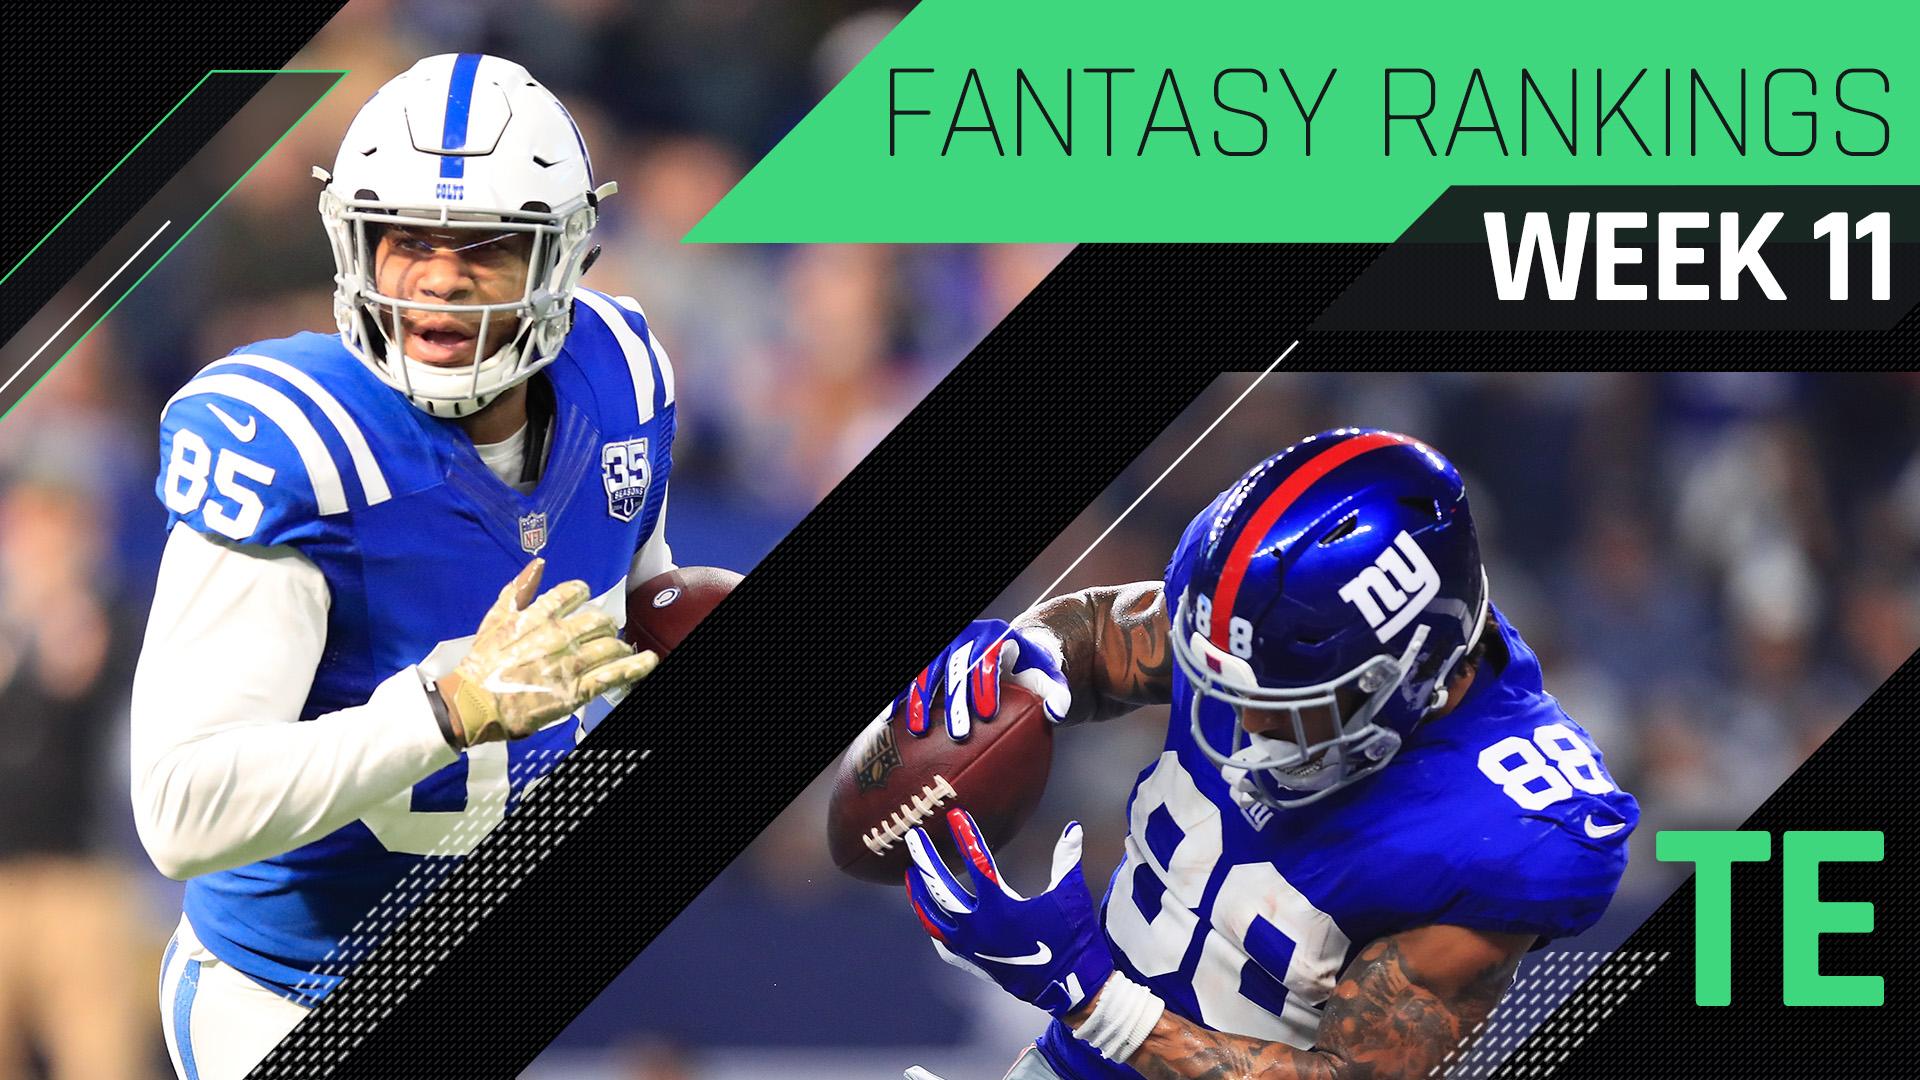 Week 11 Fantasy Rankings: TE